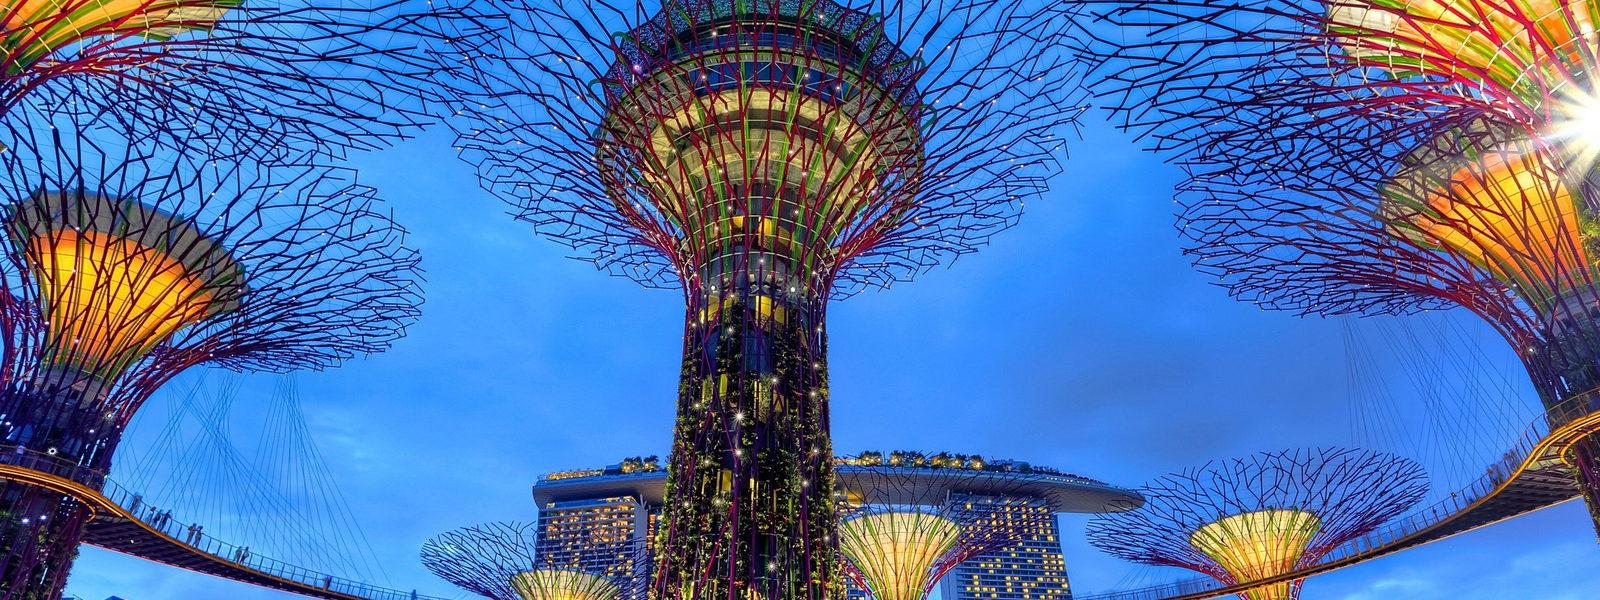 Reise nach Singapur und Bali